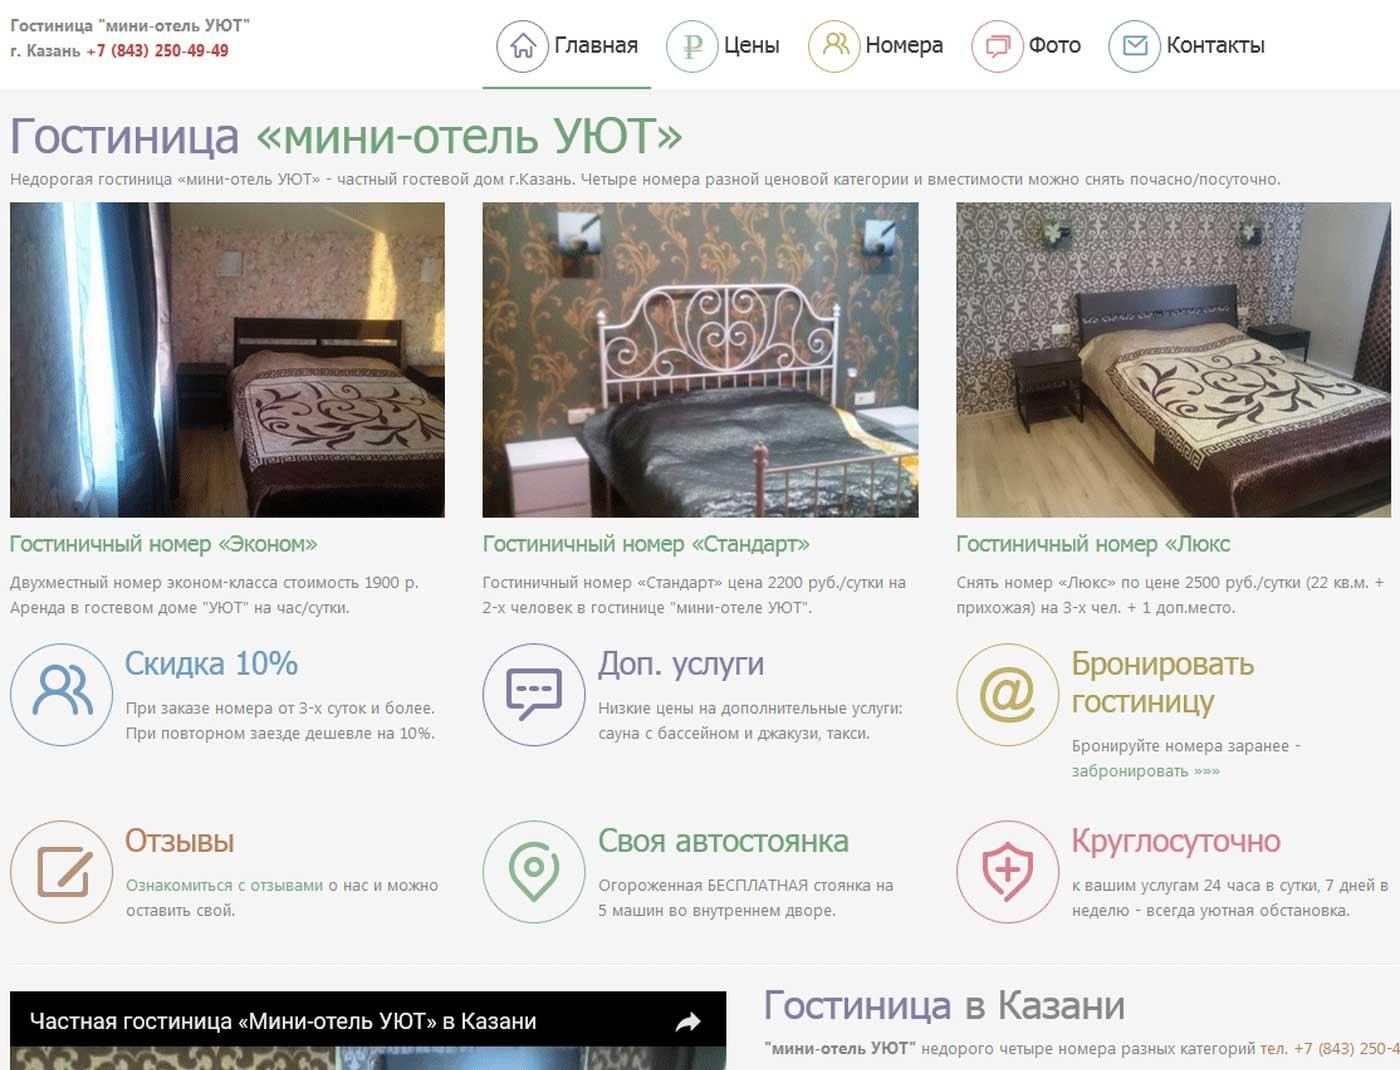 клуб знакомств в татарстане